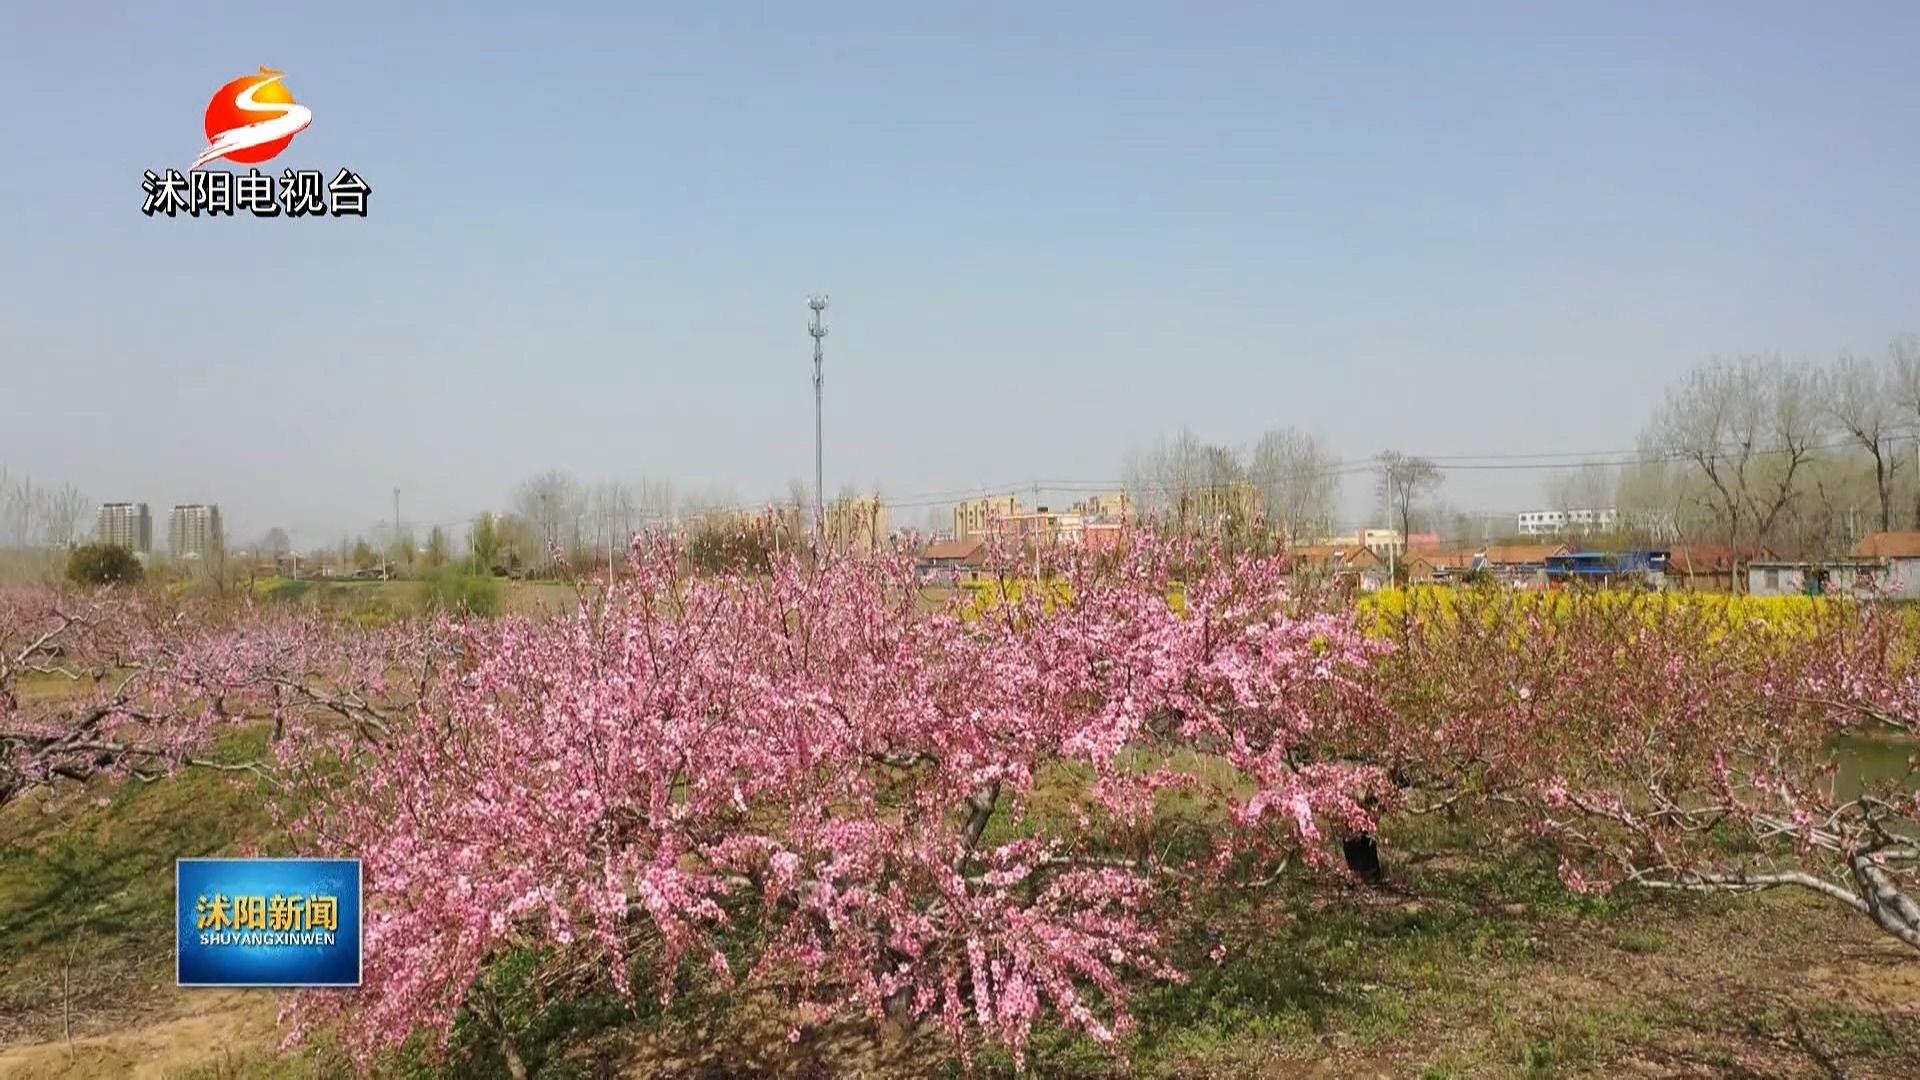 山上层层桃李花,云间烟火是人家!十字街道桃园几百亩桃花次第盛开!